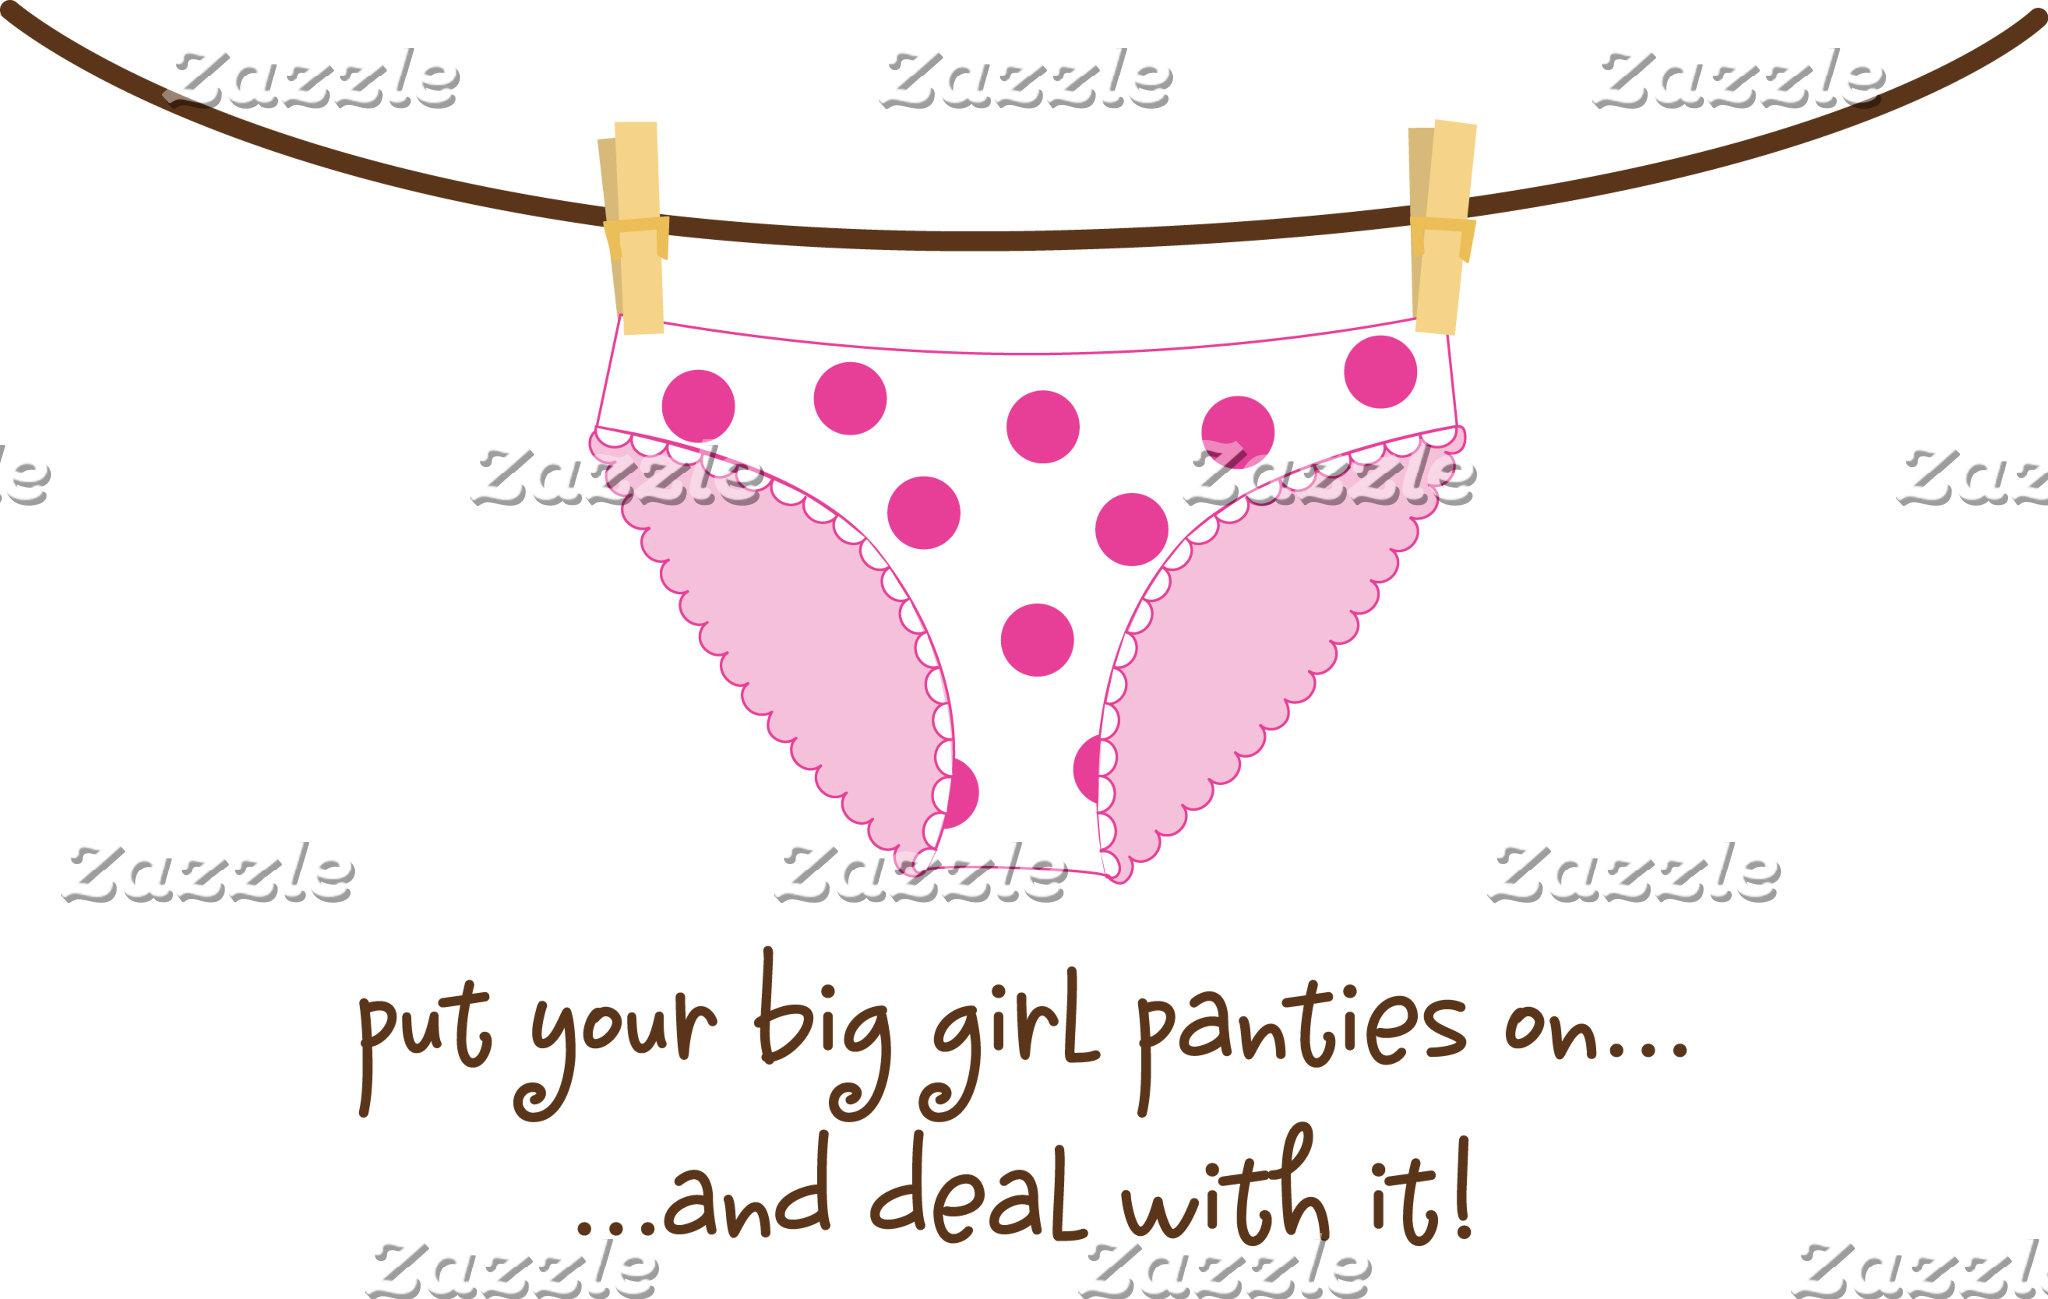 big girl panties!